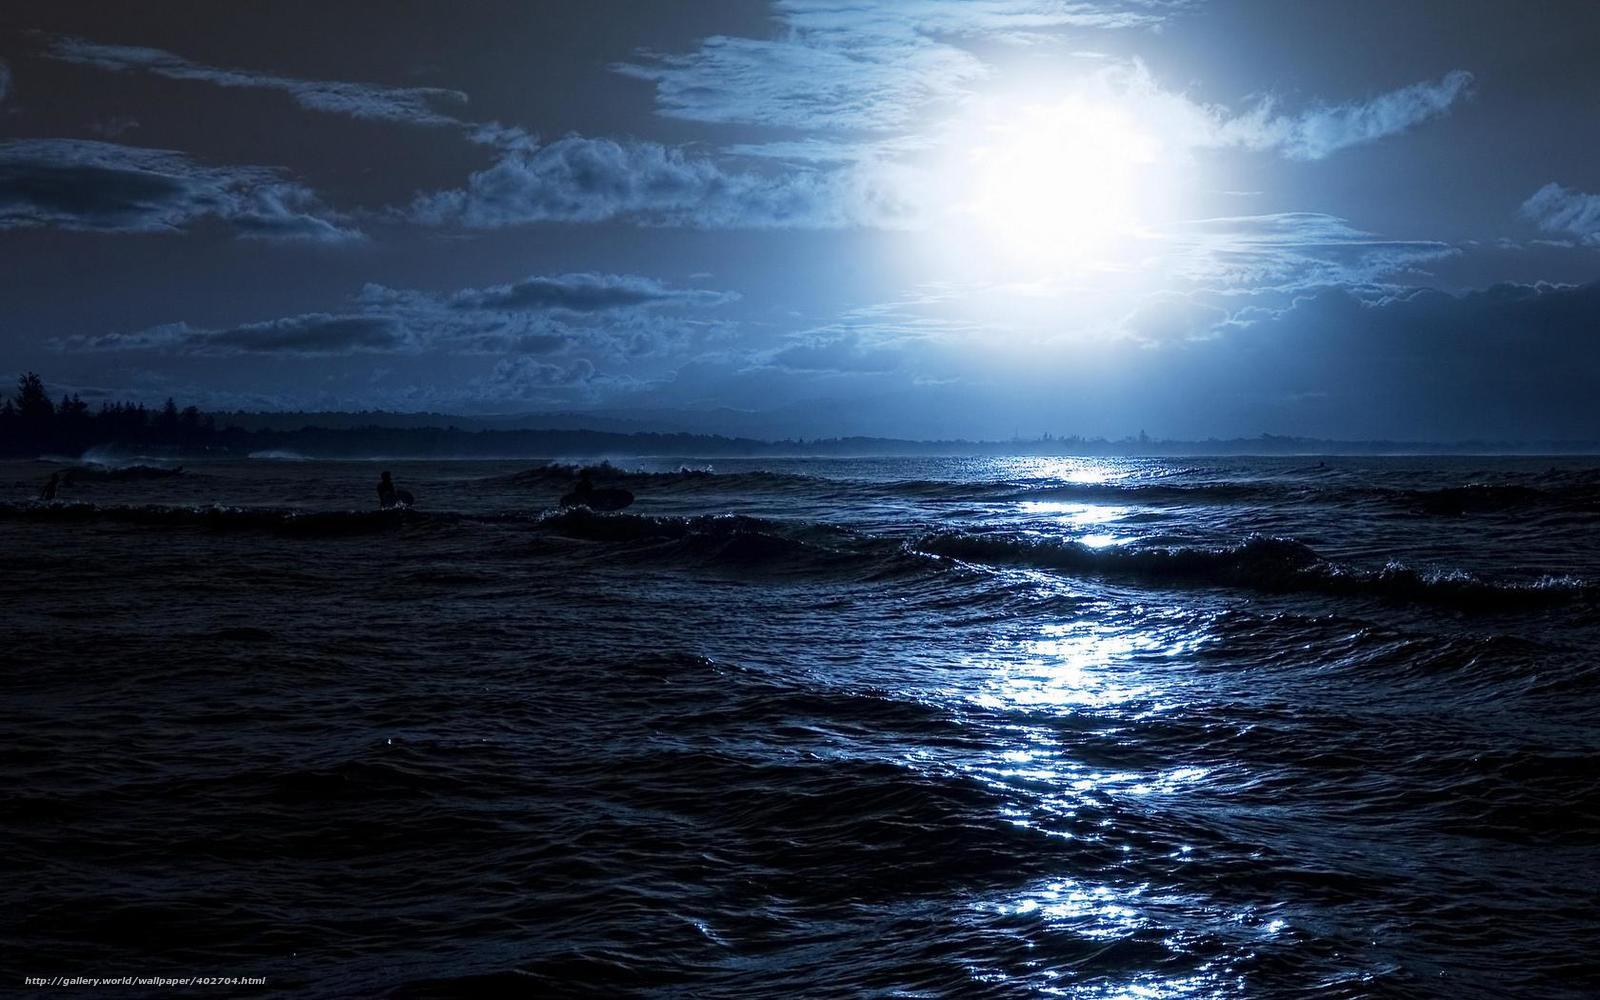 Scaricare Gli Sfondi Natura Notte Luna Mare Sfondi Gratis Per La